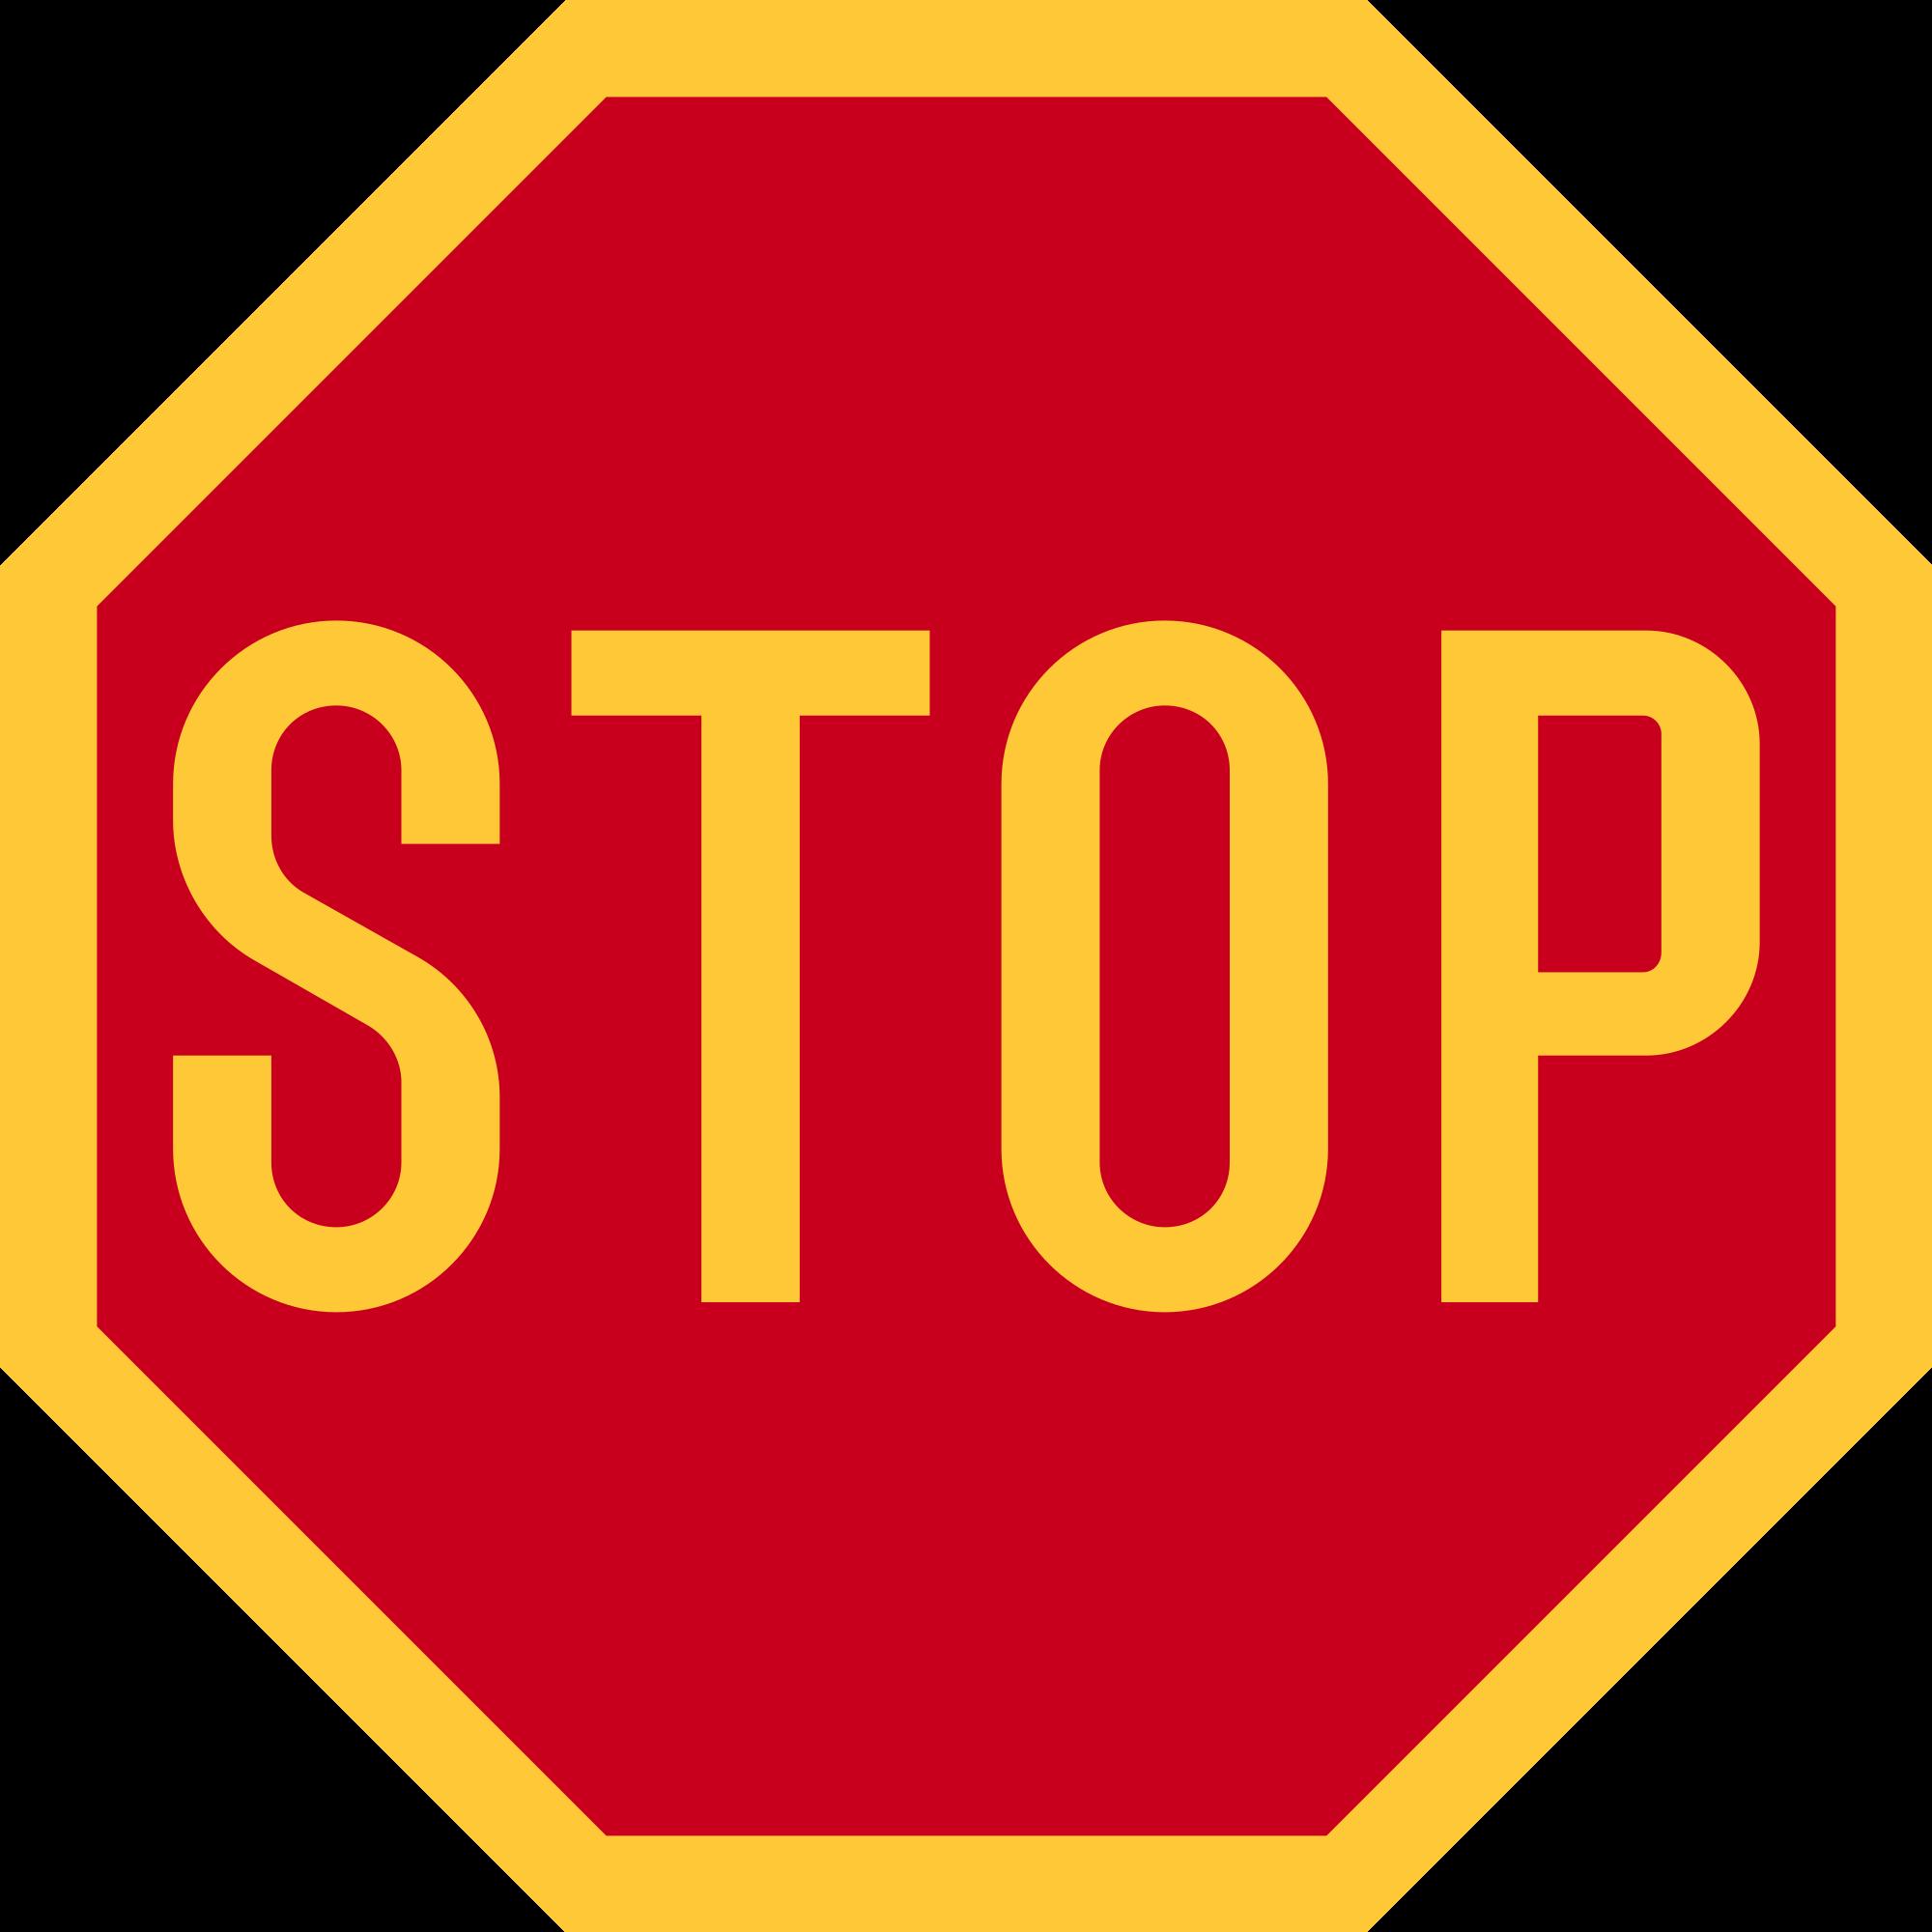 Highway road marking